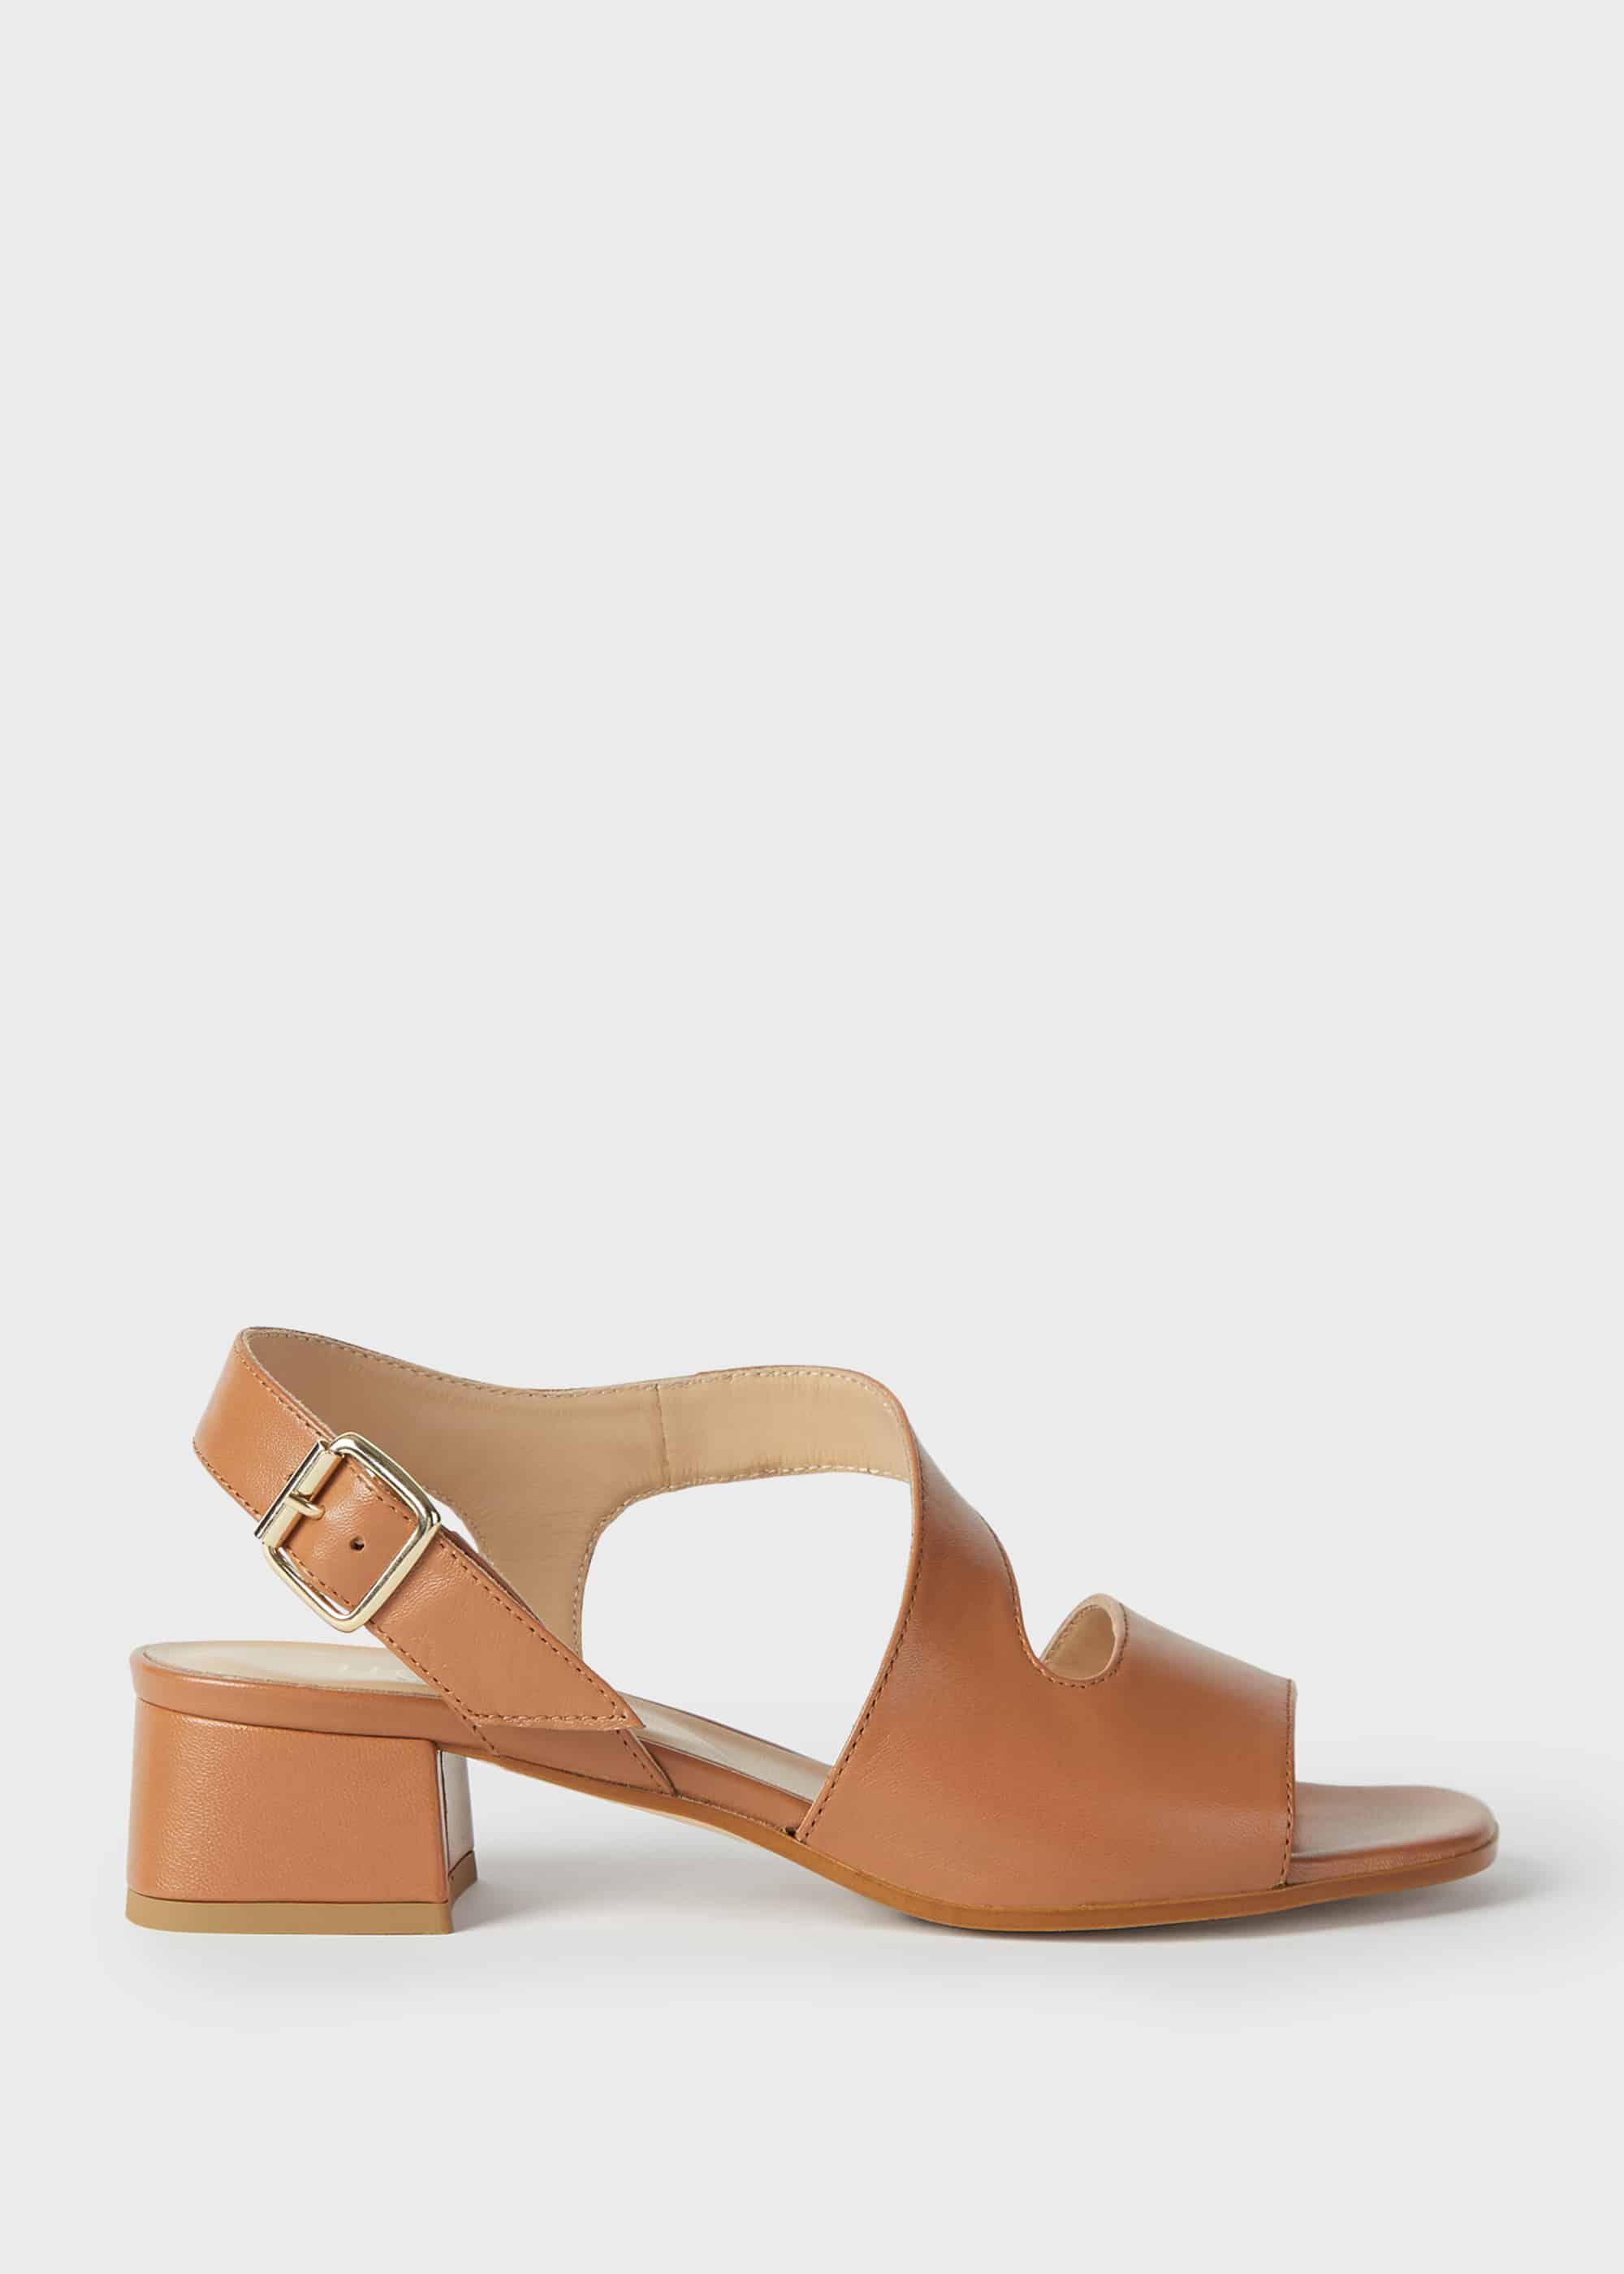 Leather Block Heel Sandals   Hobbs